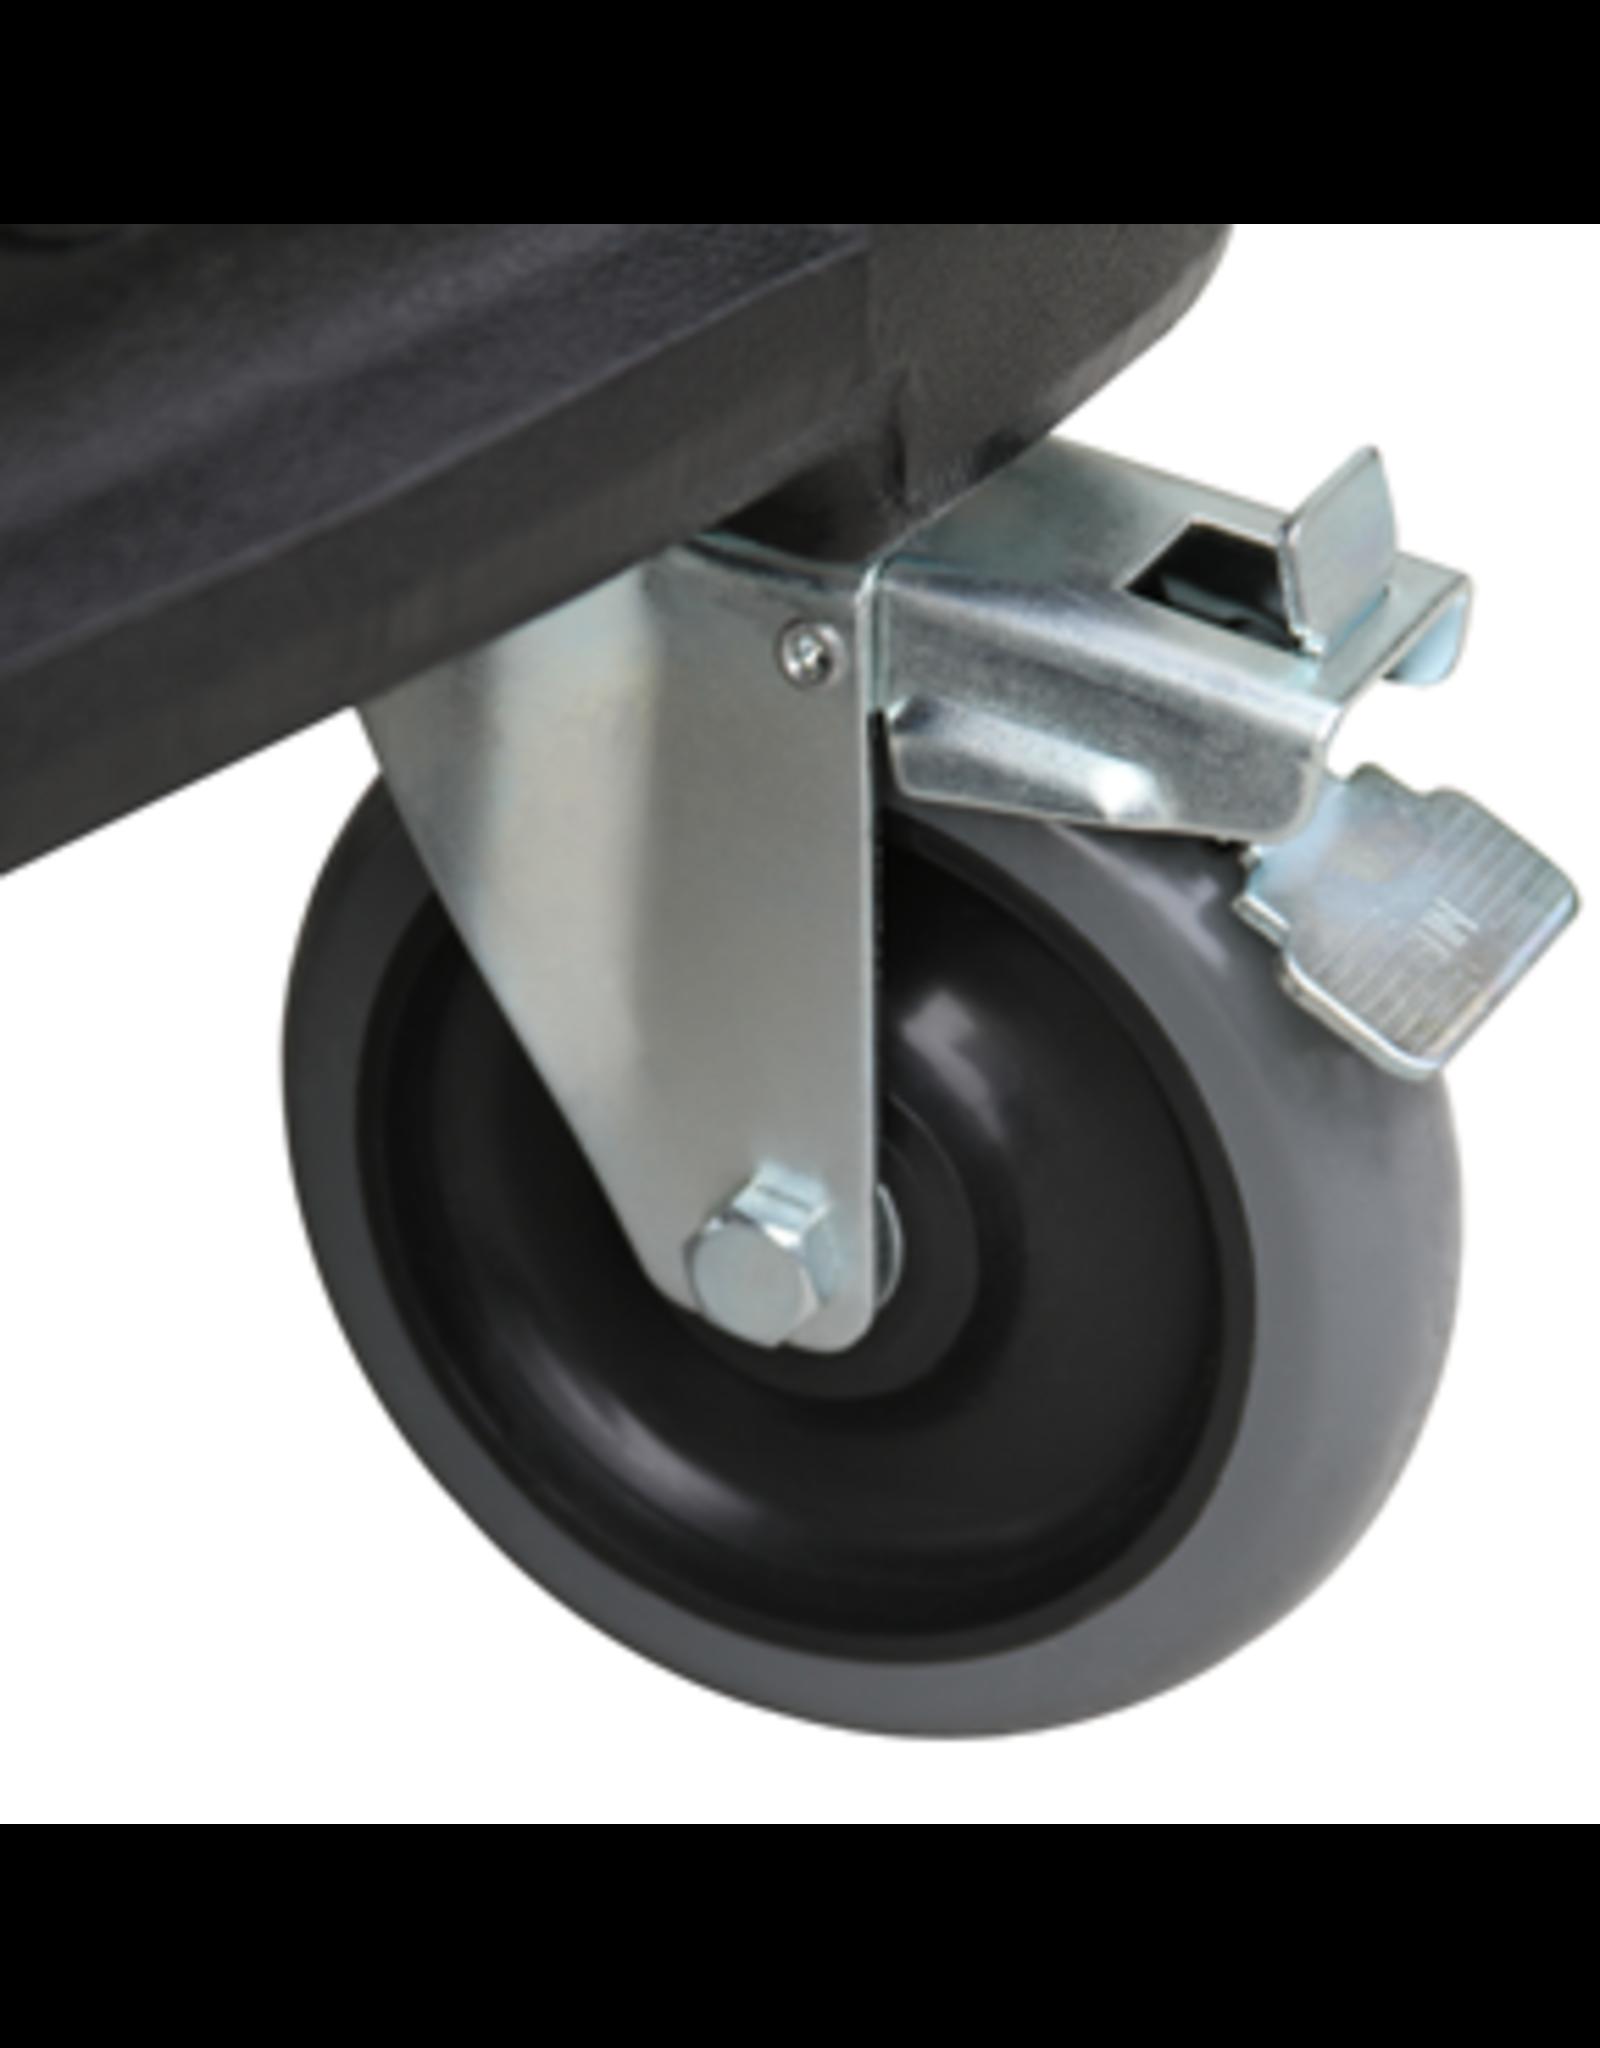 1003DX Speedster® Deluxe Heated Carpet Extractor